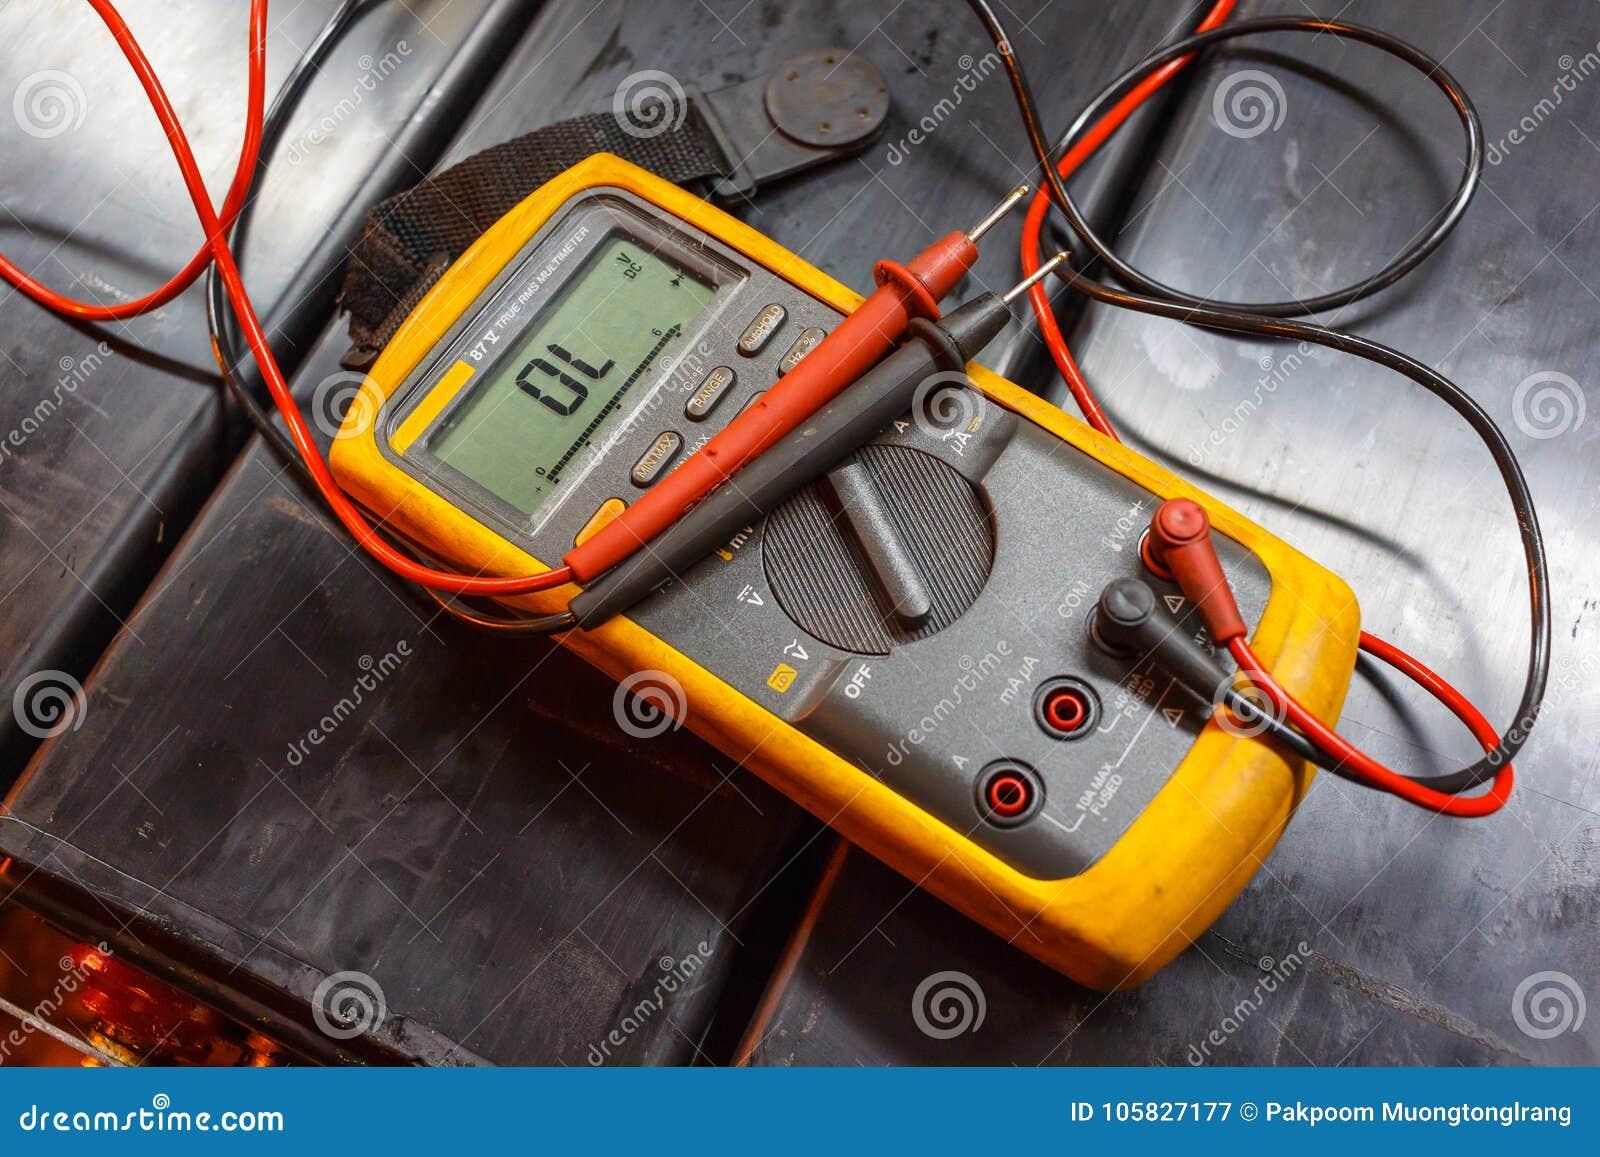 Multimetro elettrico giallo